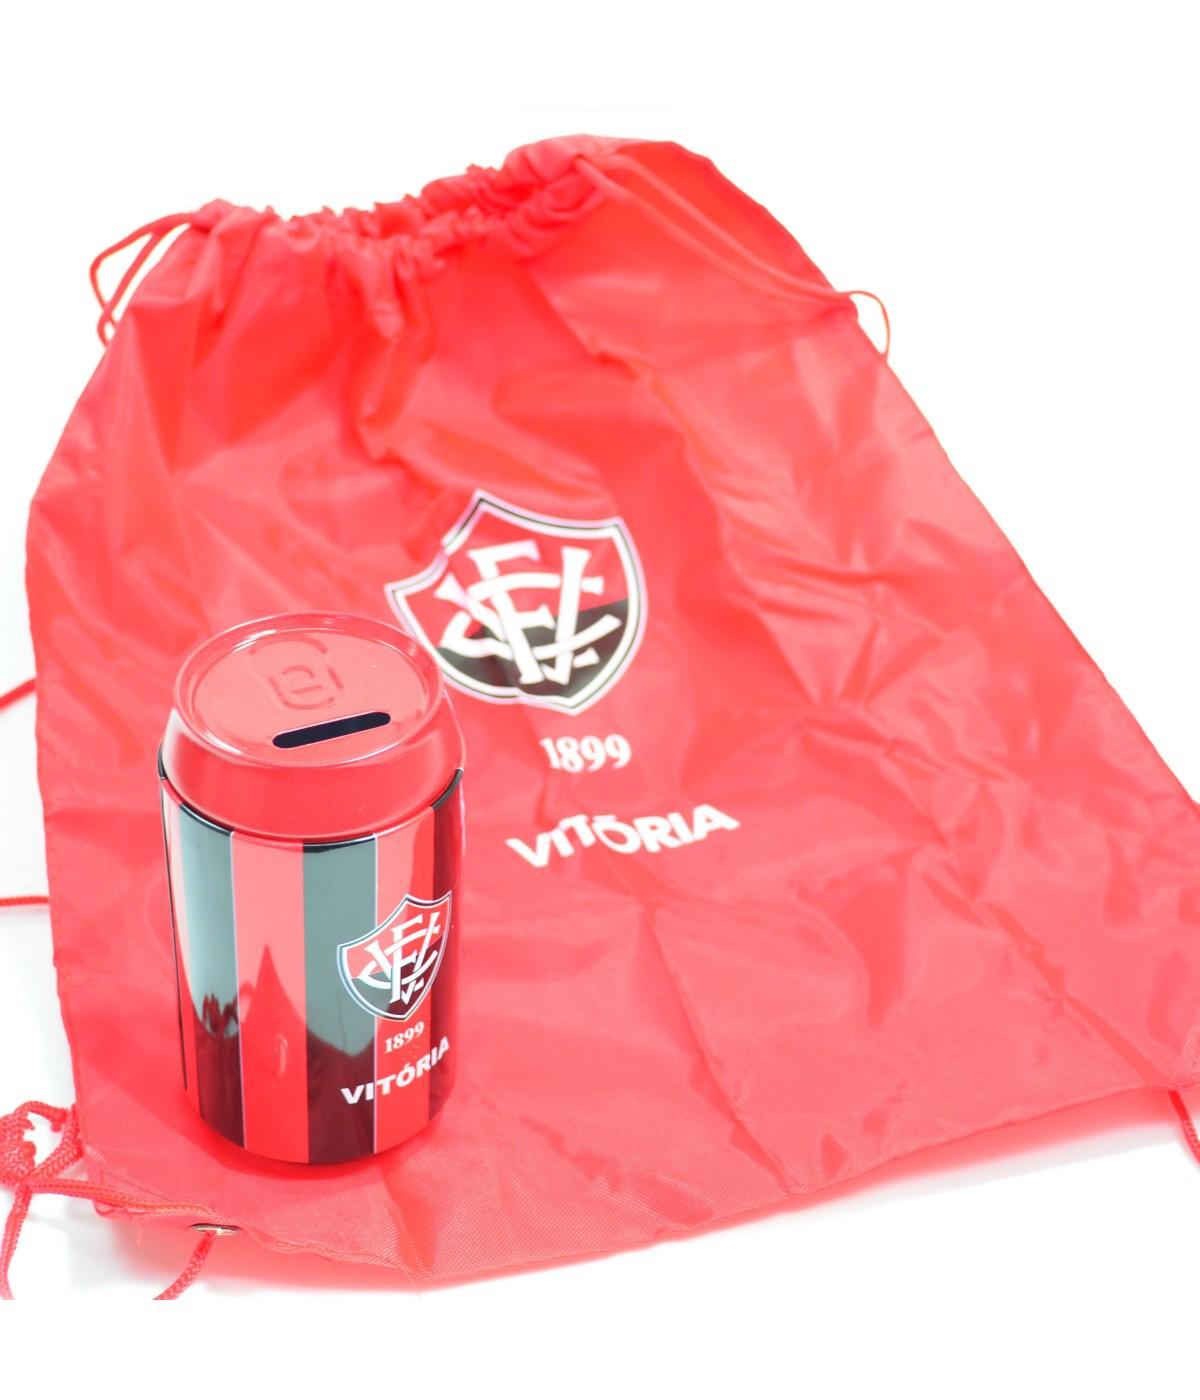 Porta moeda e saco mochila - Vitória